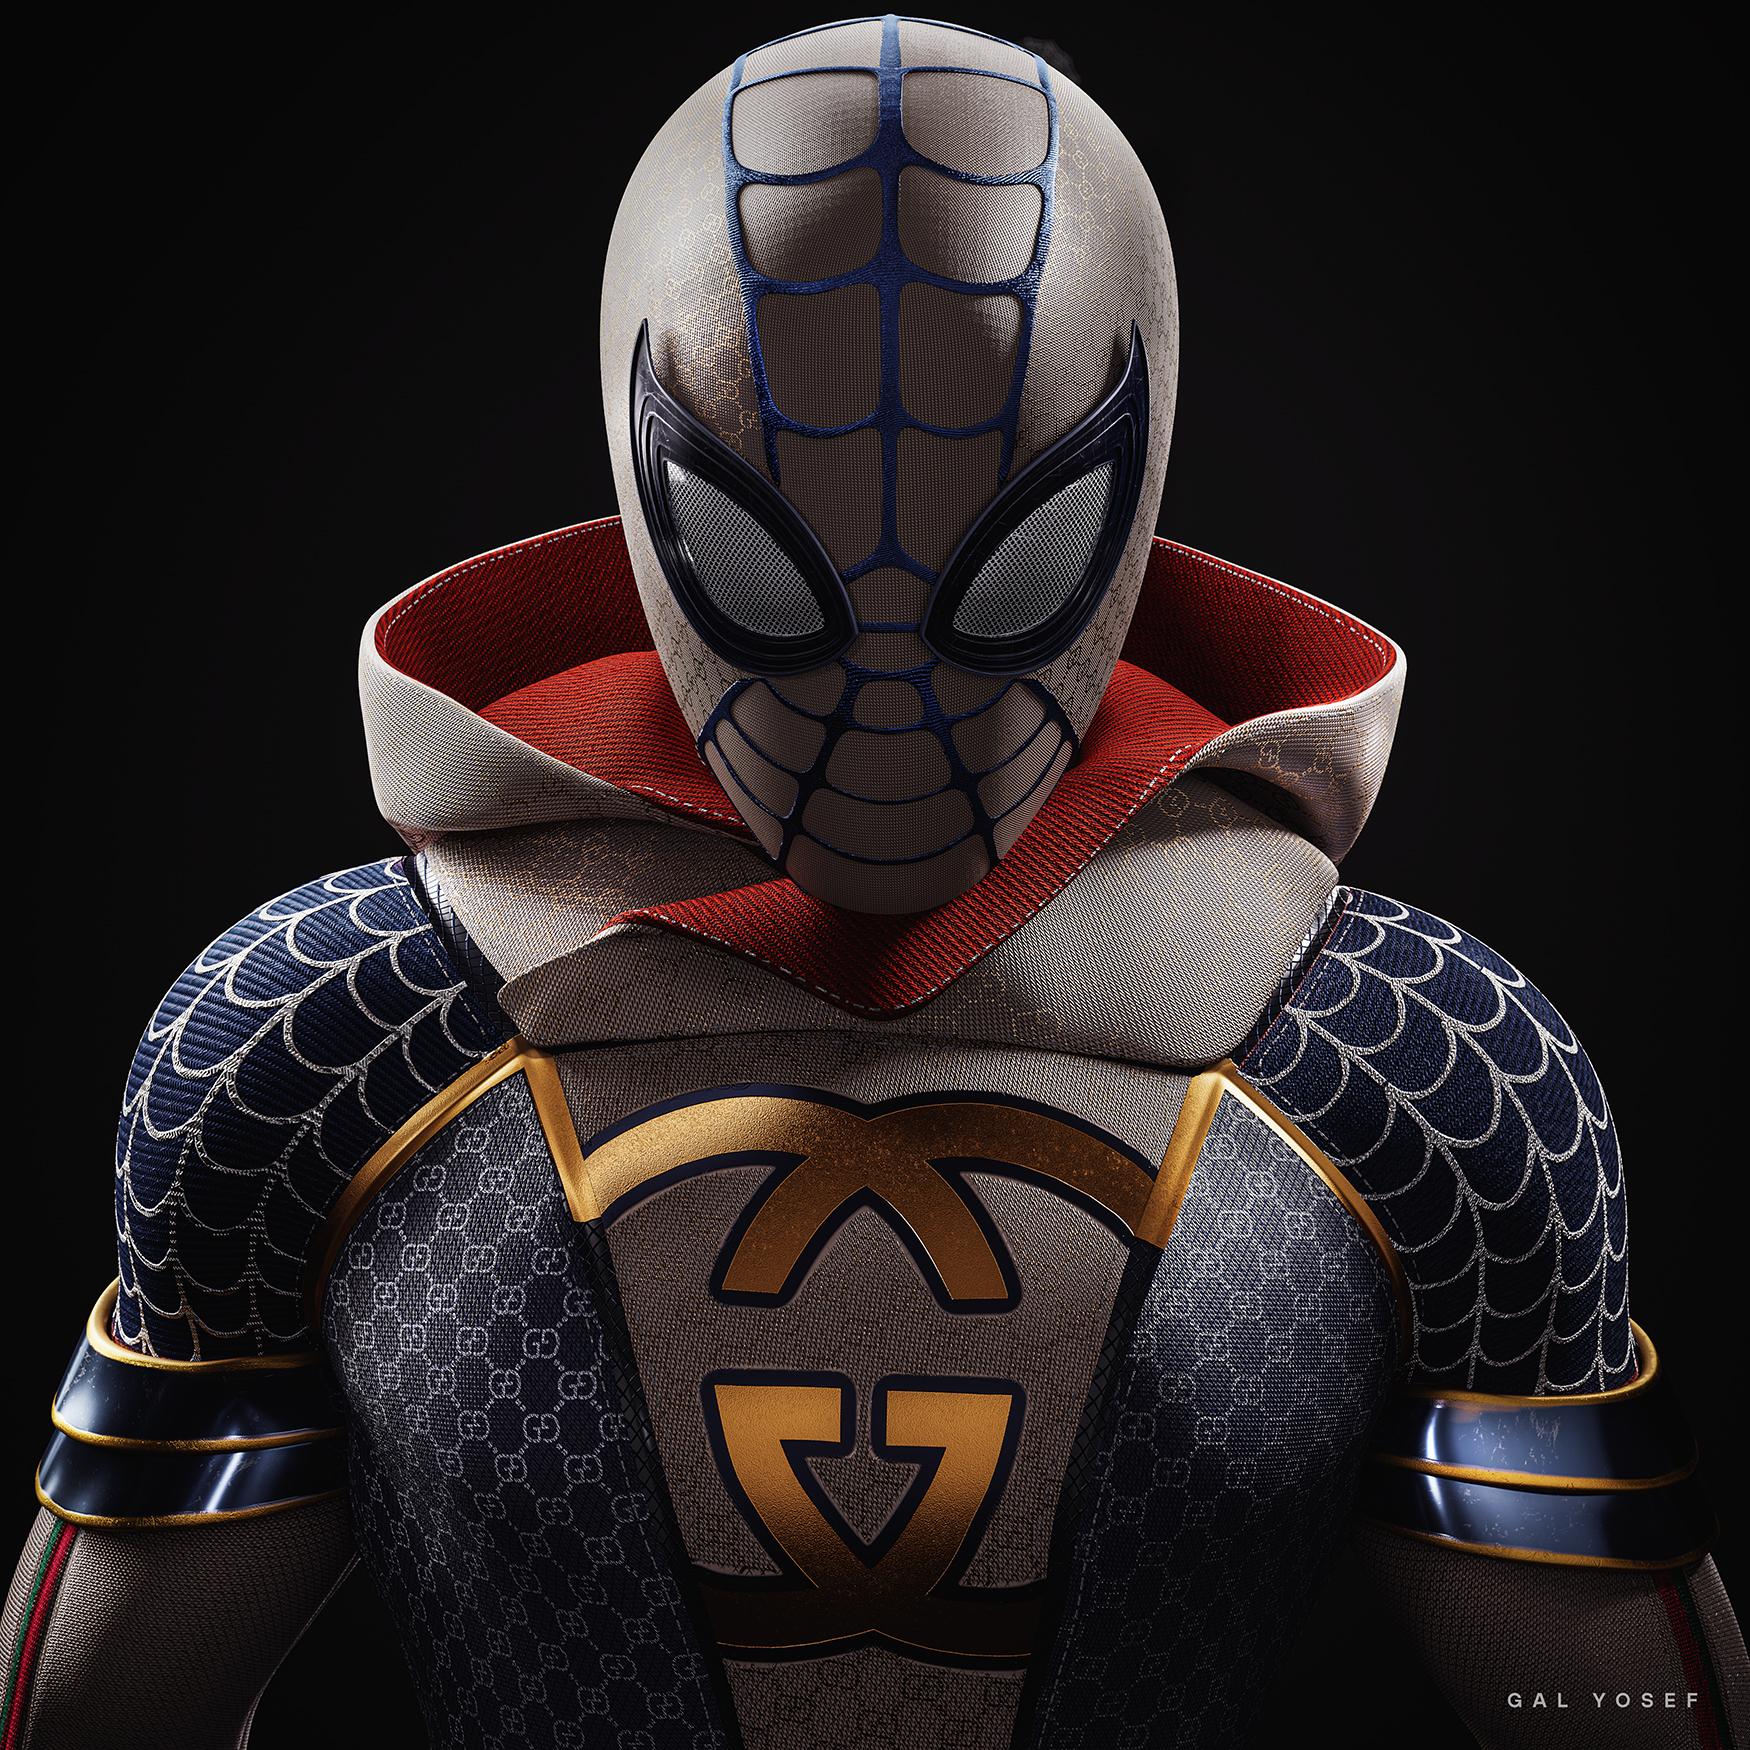 Gucci Spider by Gal Yosef - Creative Work